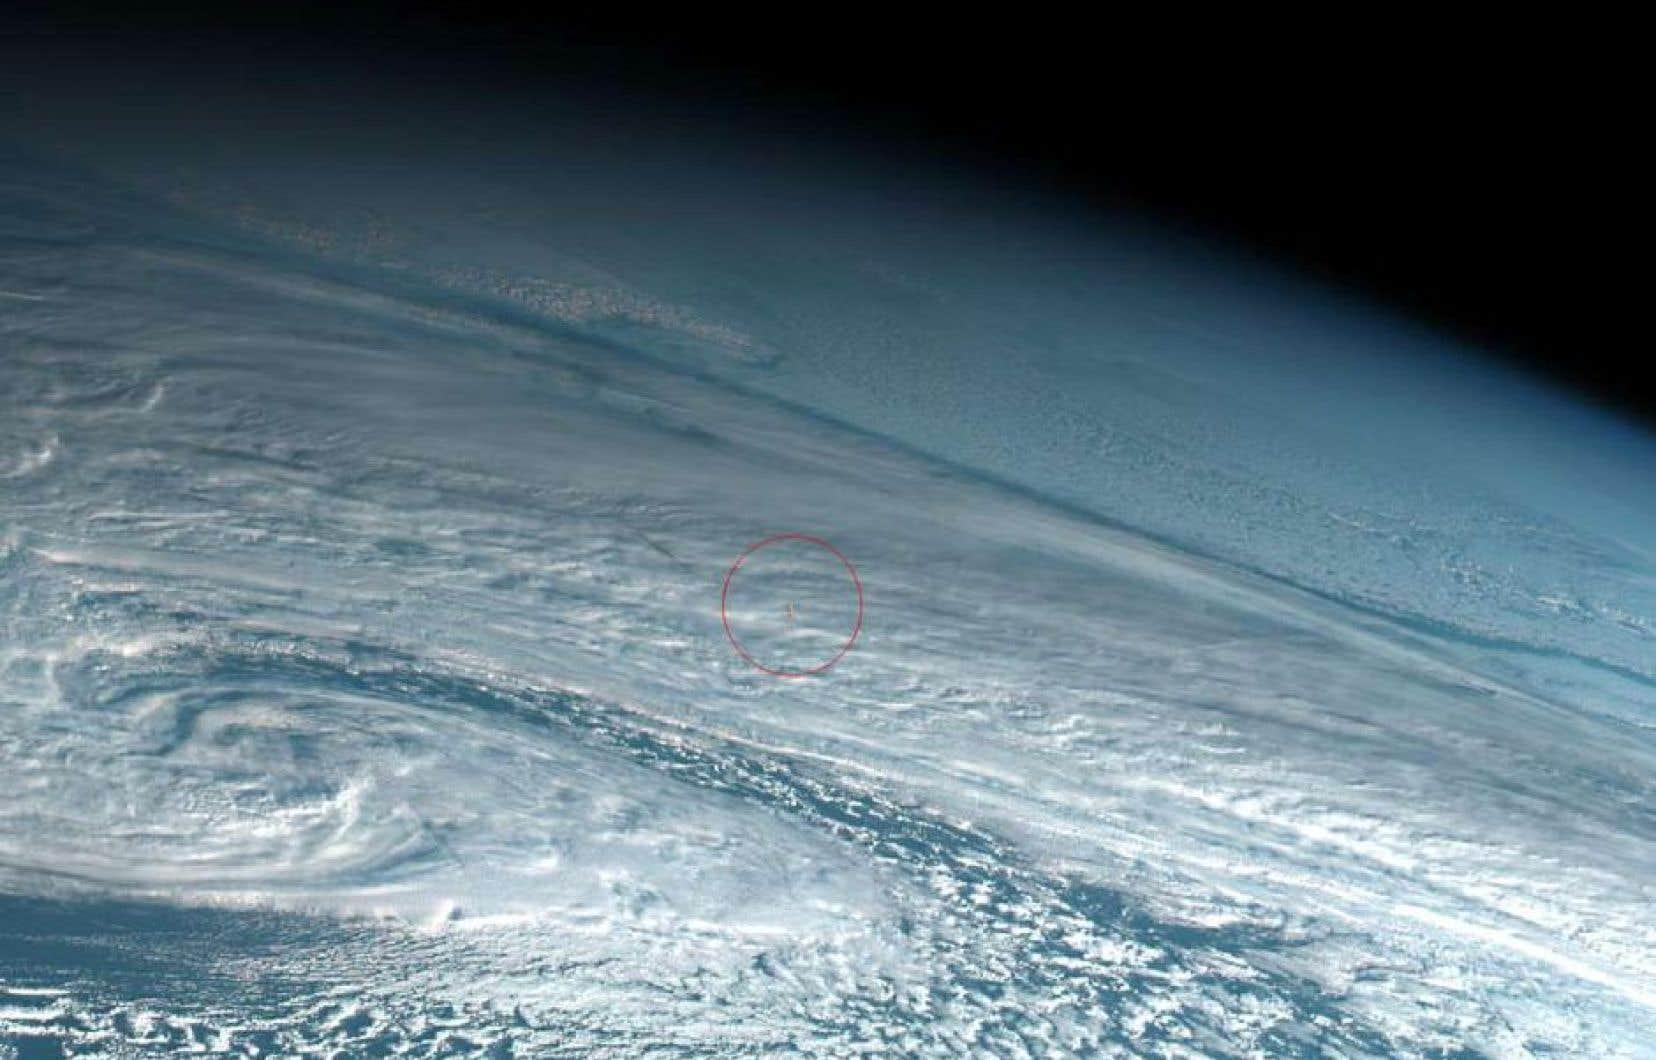 Sur les images publiées par Simon Proud sur Twitter, on distingue une petite boule de feu au-dessus des nuages et de la mer.